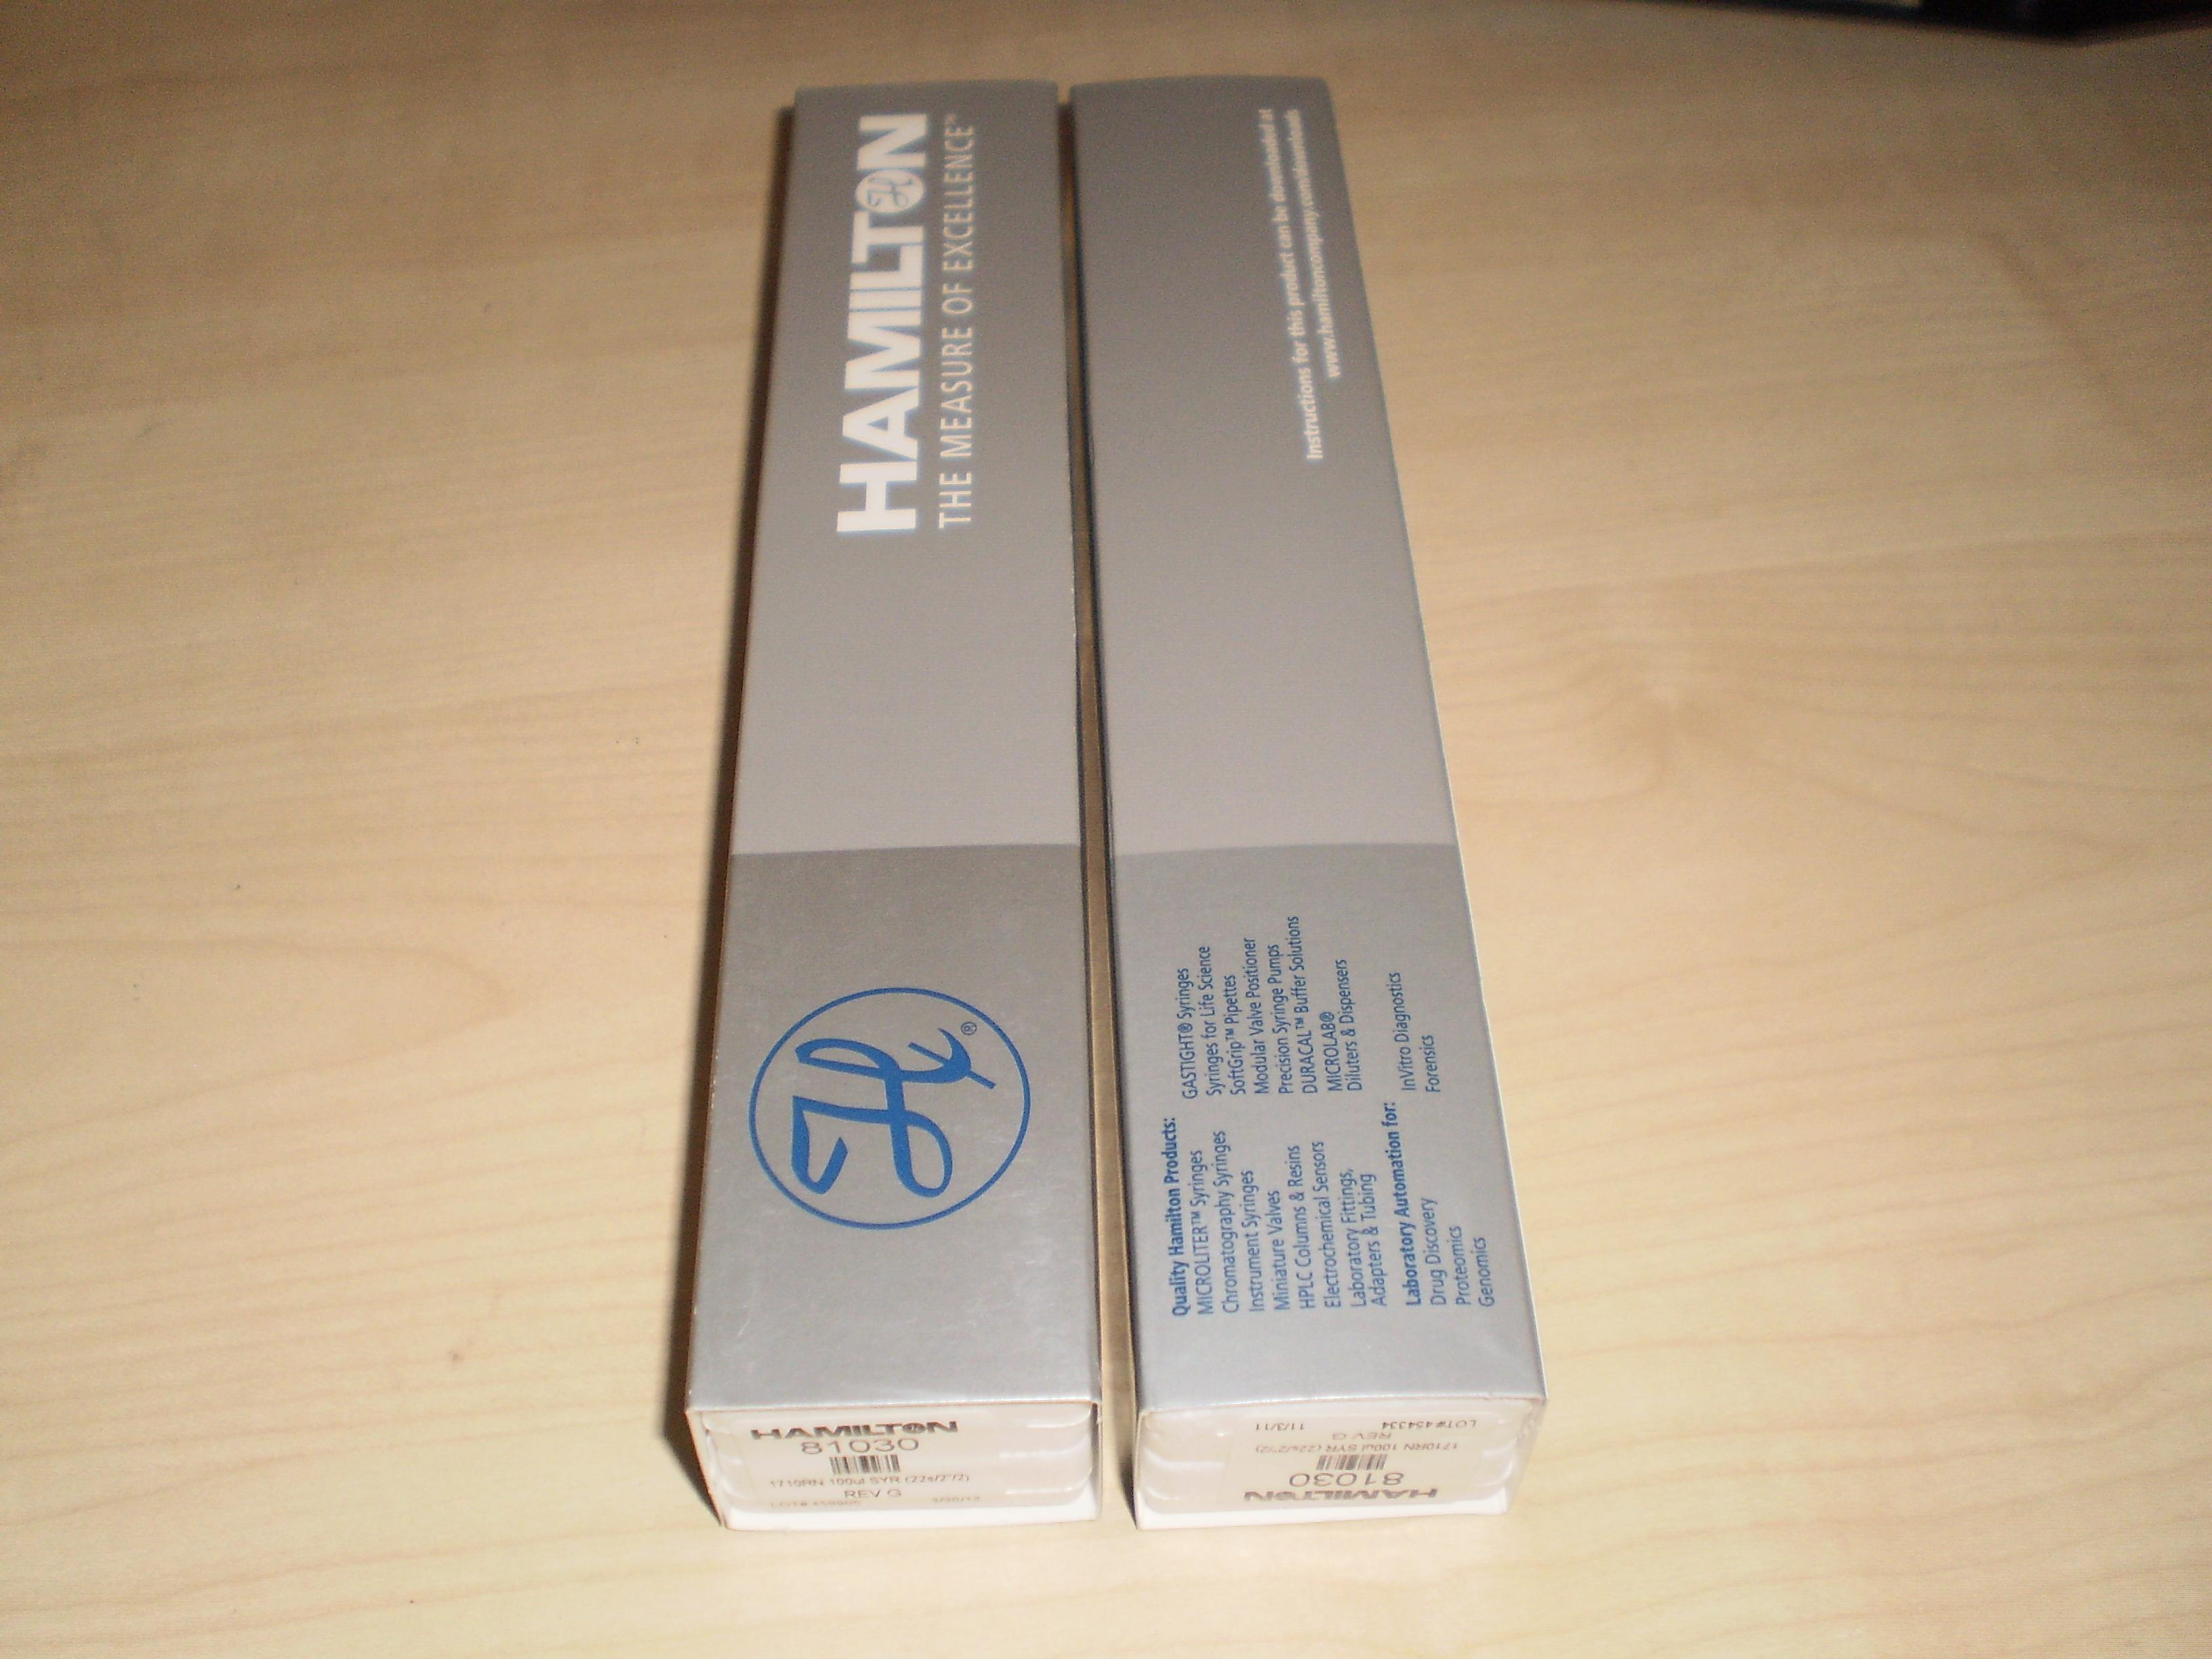 Hamilton 阴离子交换色谱柱PRP-X100货号79433